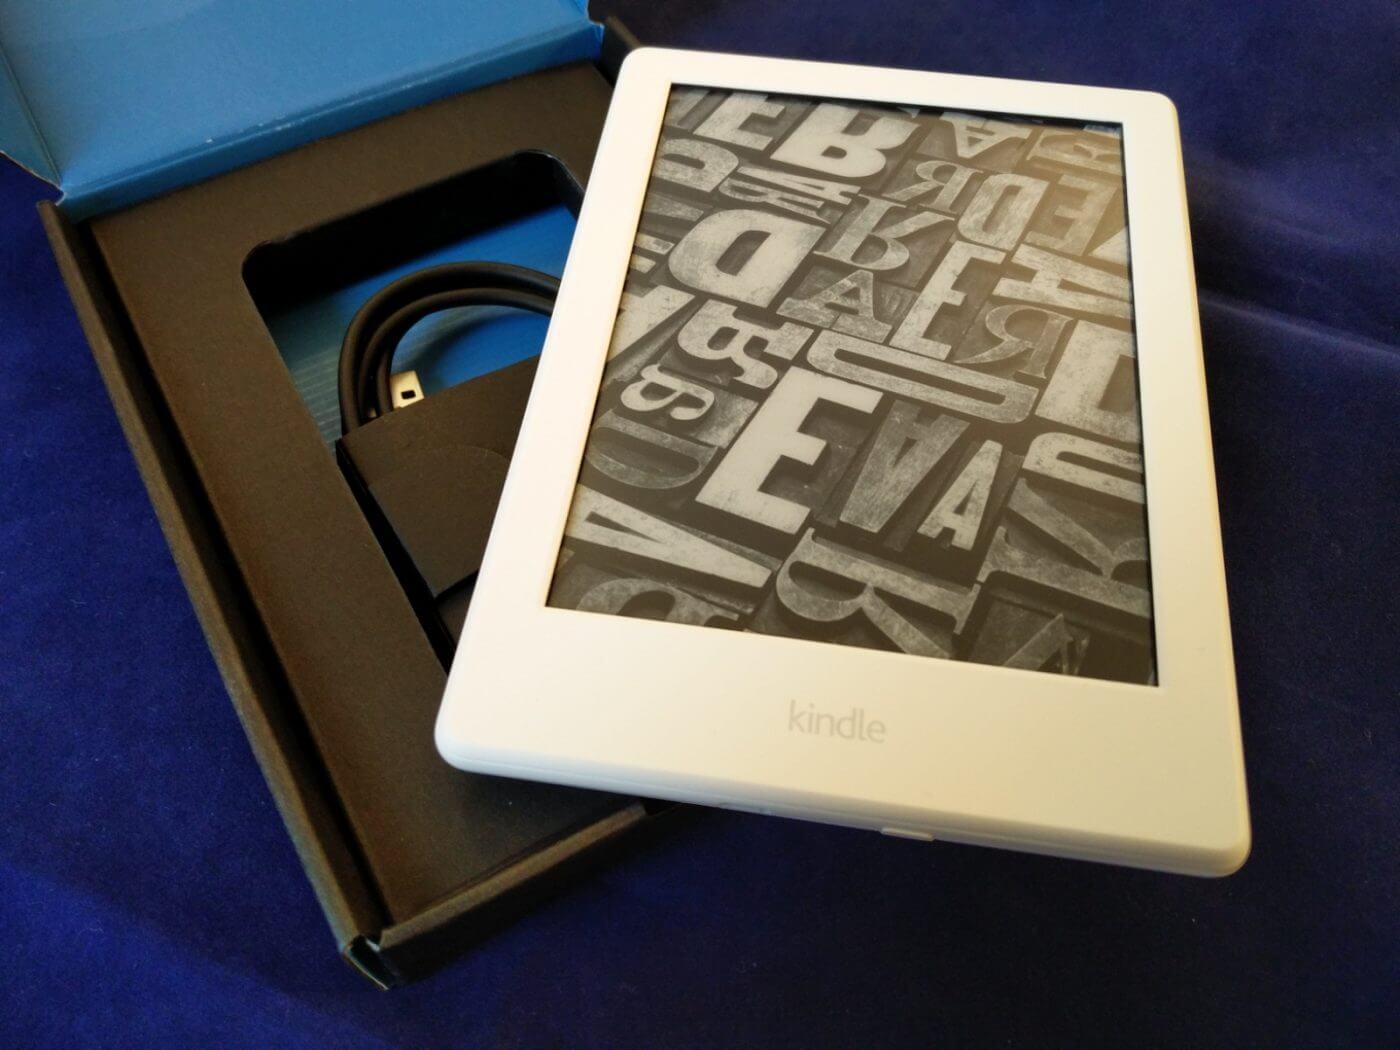 Amazon Kindle with Box